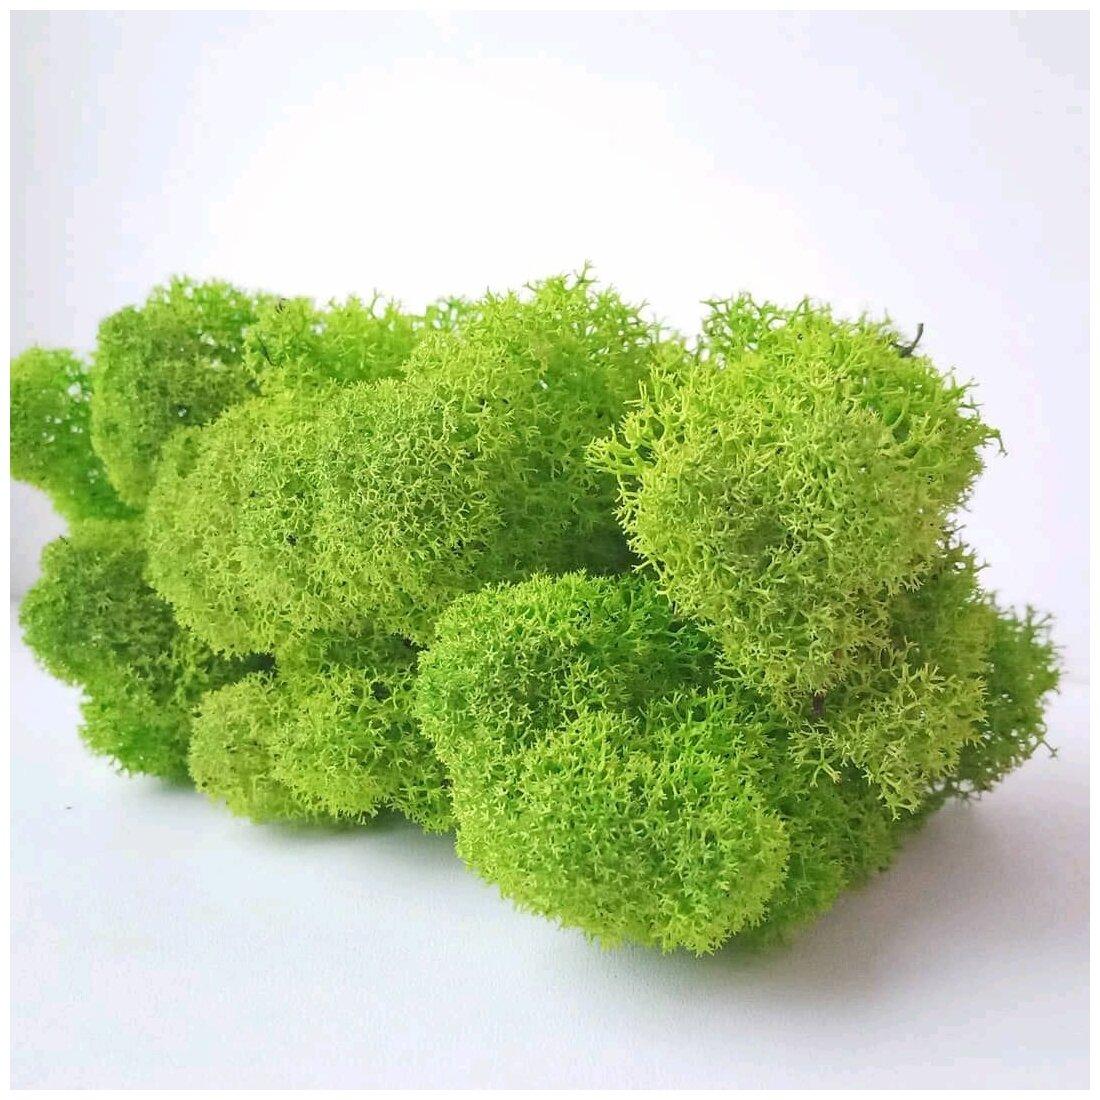 Стабилизированный мох RozaRose 100 гр. - салатовый — купить по выгодной цене на Яндекс.Маркете